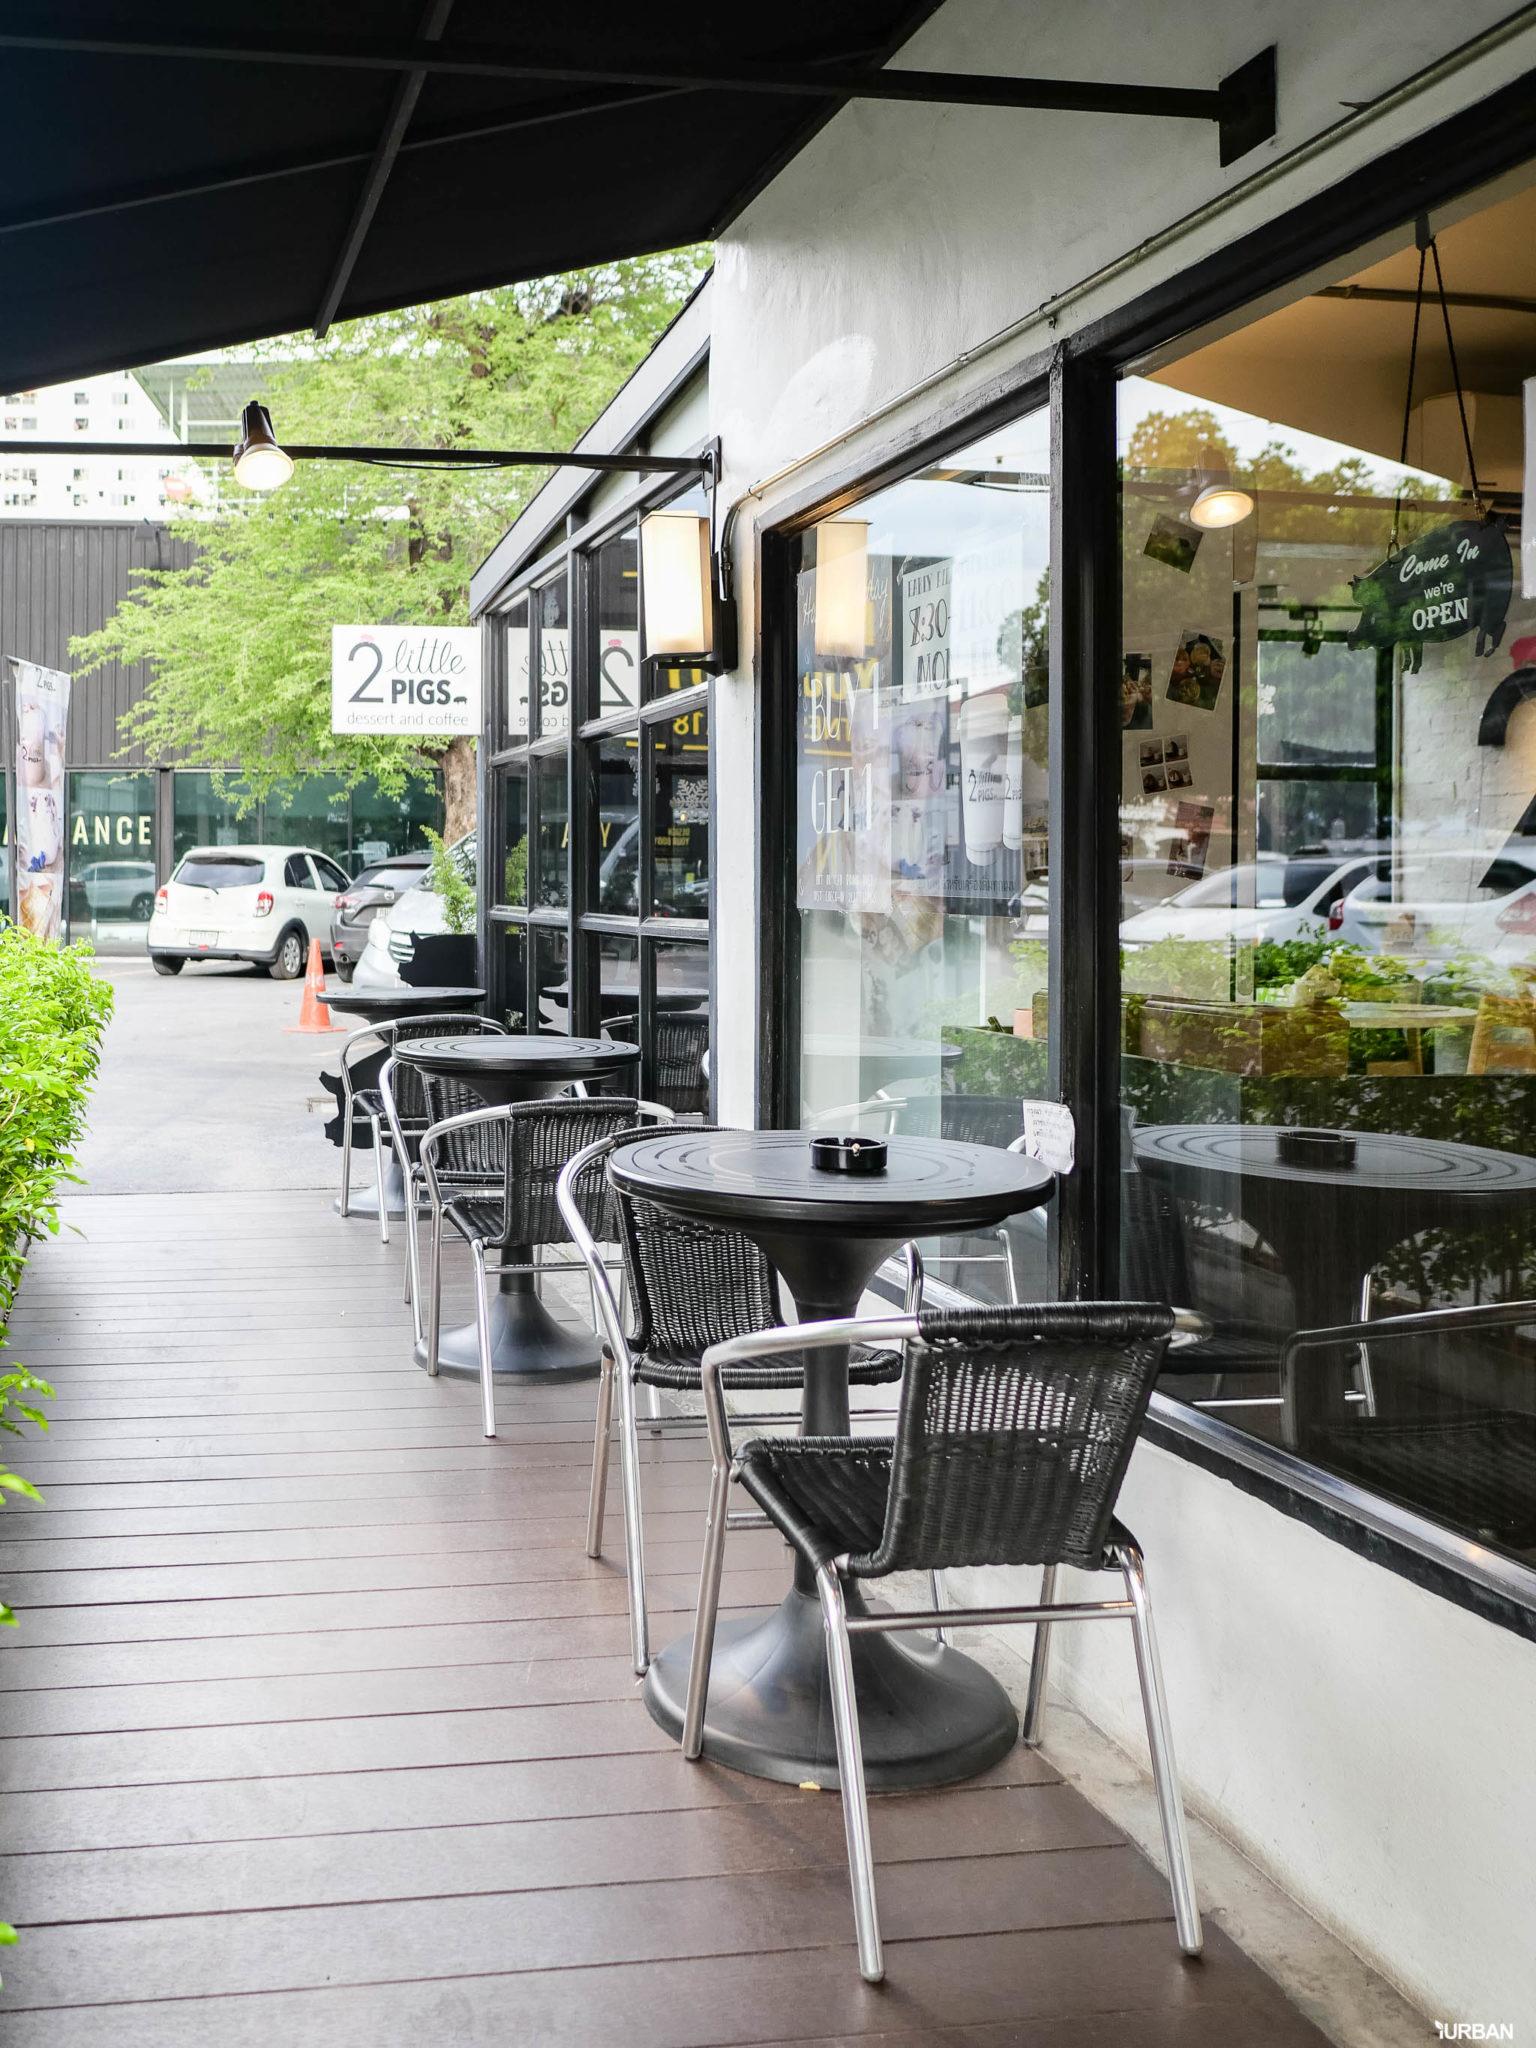 8 คาเฟ่ จตุจักร และร้านกาแฟที่ Unique ดีมีสไตล์น่าสนใจ เหมาะกับไลฟ์สไตล์วันชิลๆ 79 - Premium